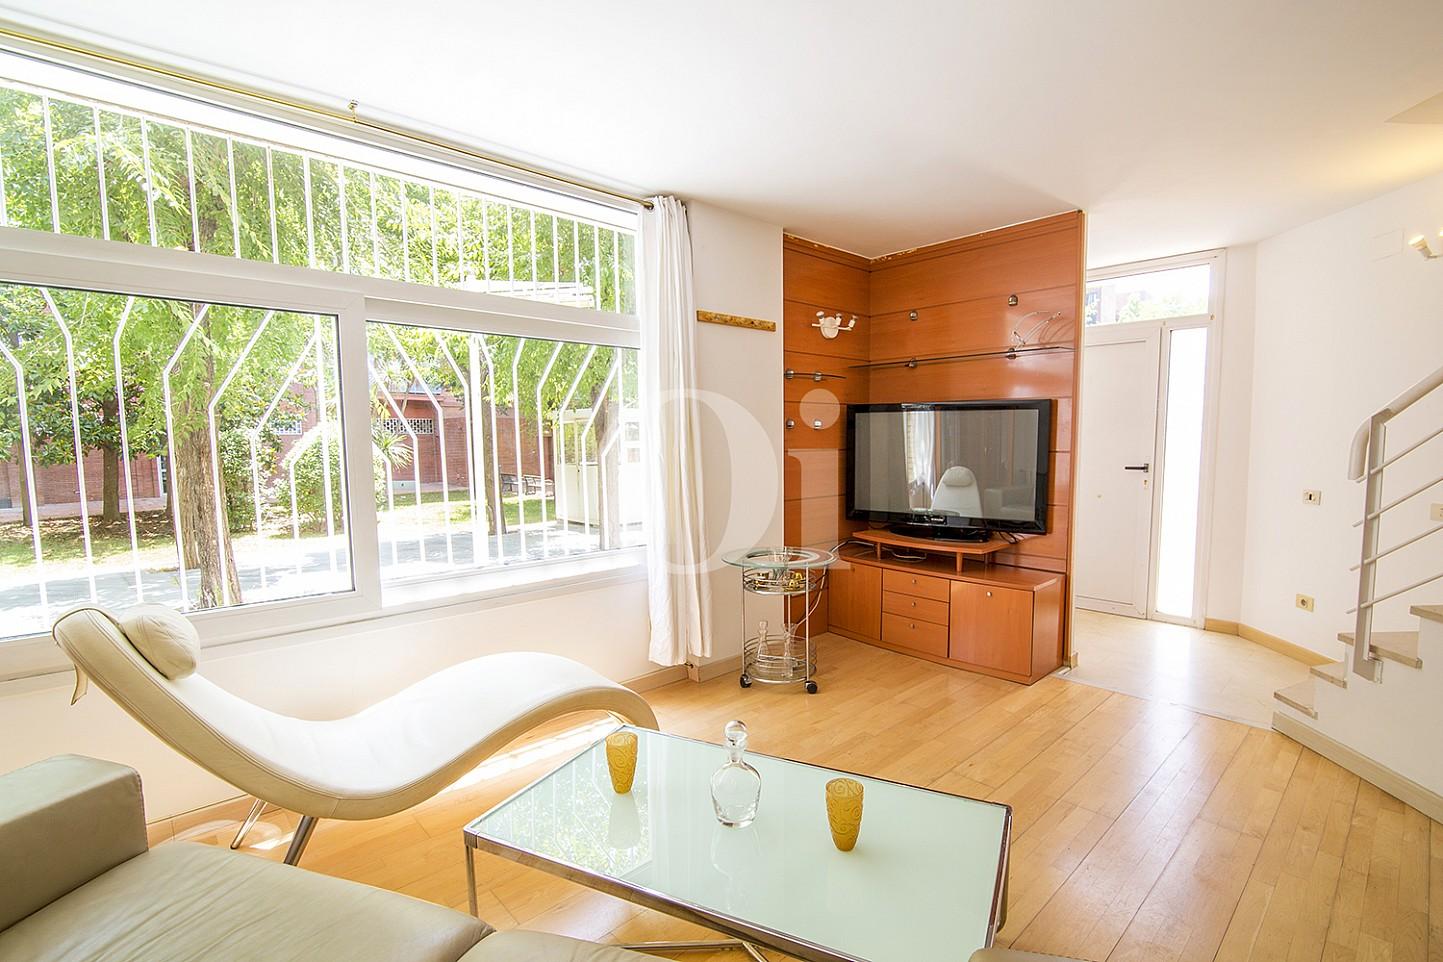 Espectacular salón con magníficas vistas exteriores en  sensacional casa en venta situada en Vila Olímpica, Barcelona